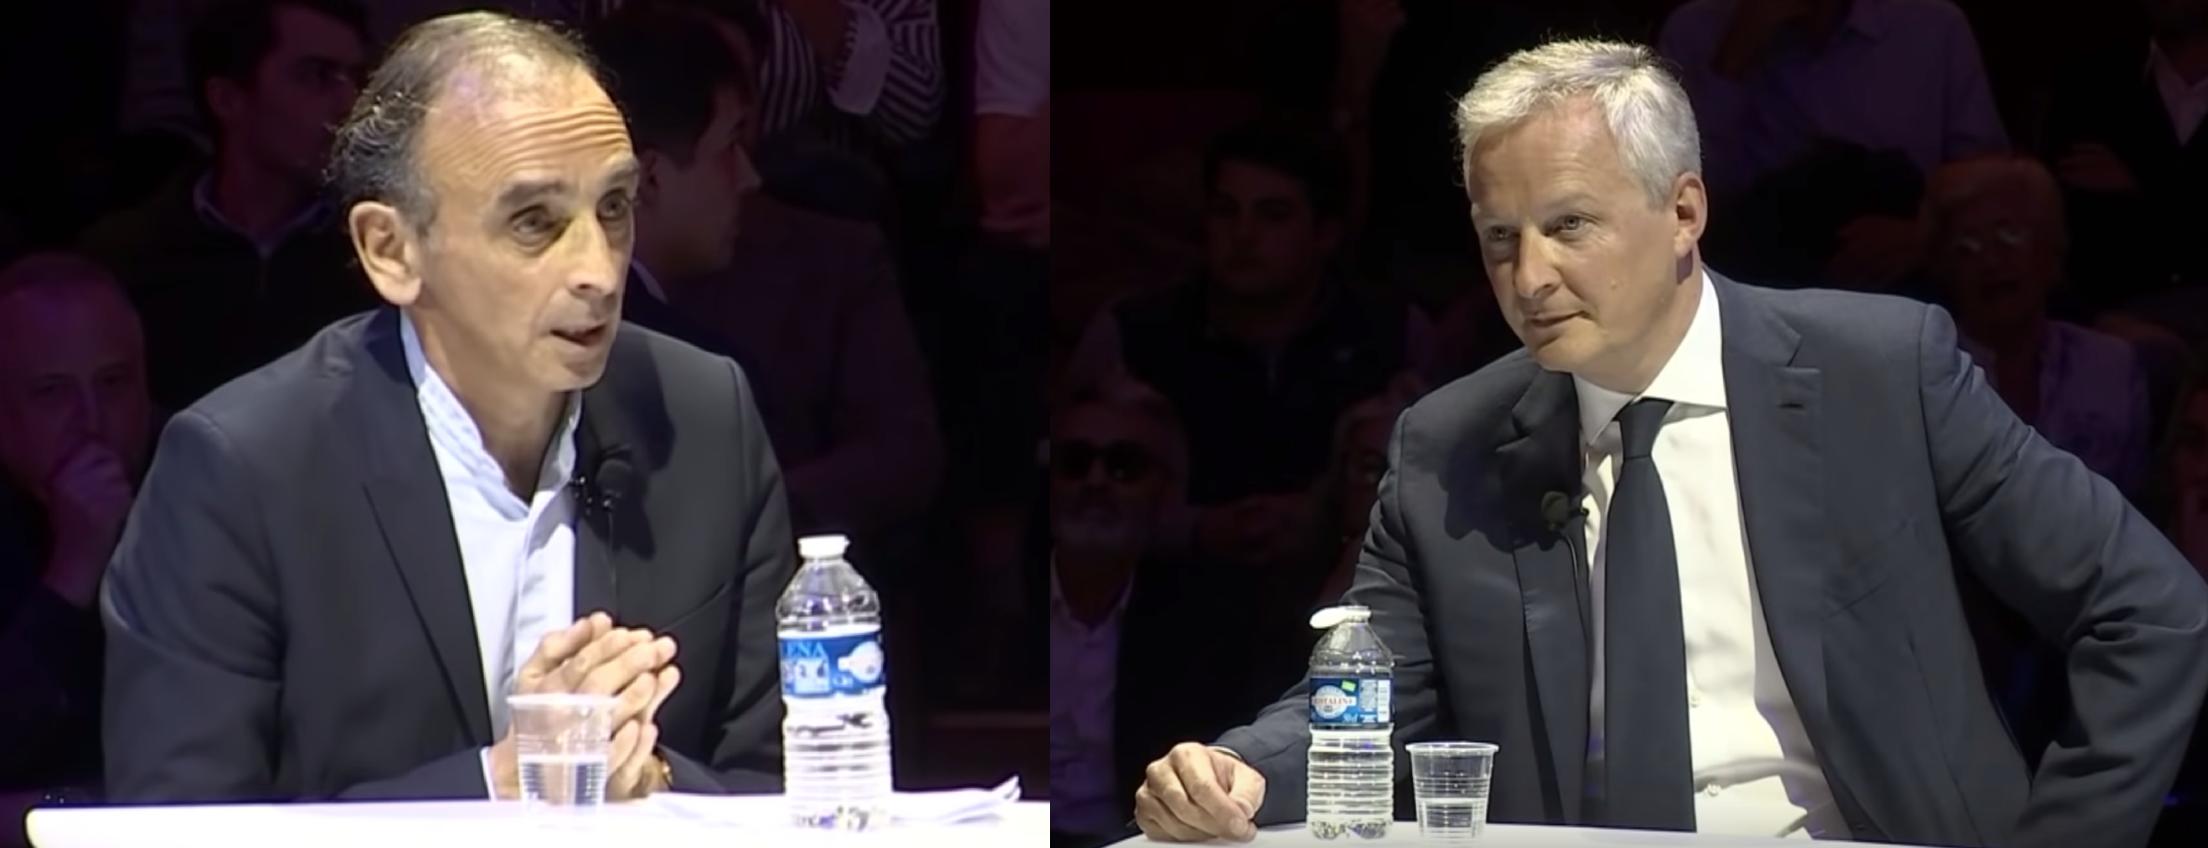 Européennes : Zemmour gagne par KO contre Le Maire